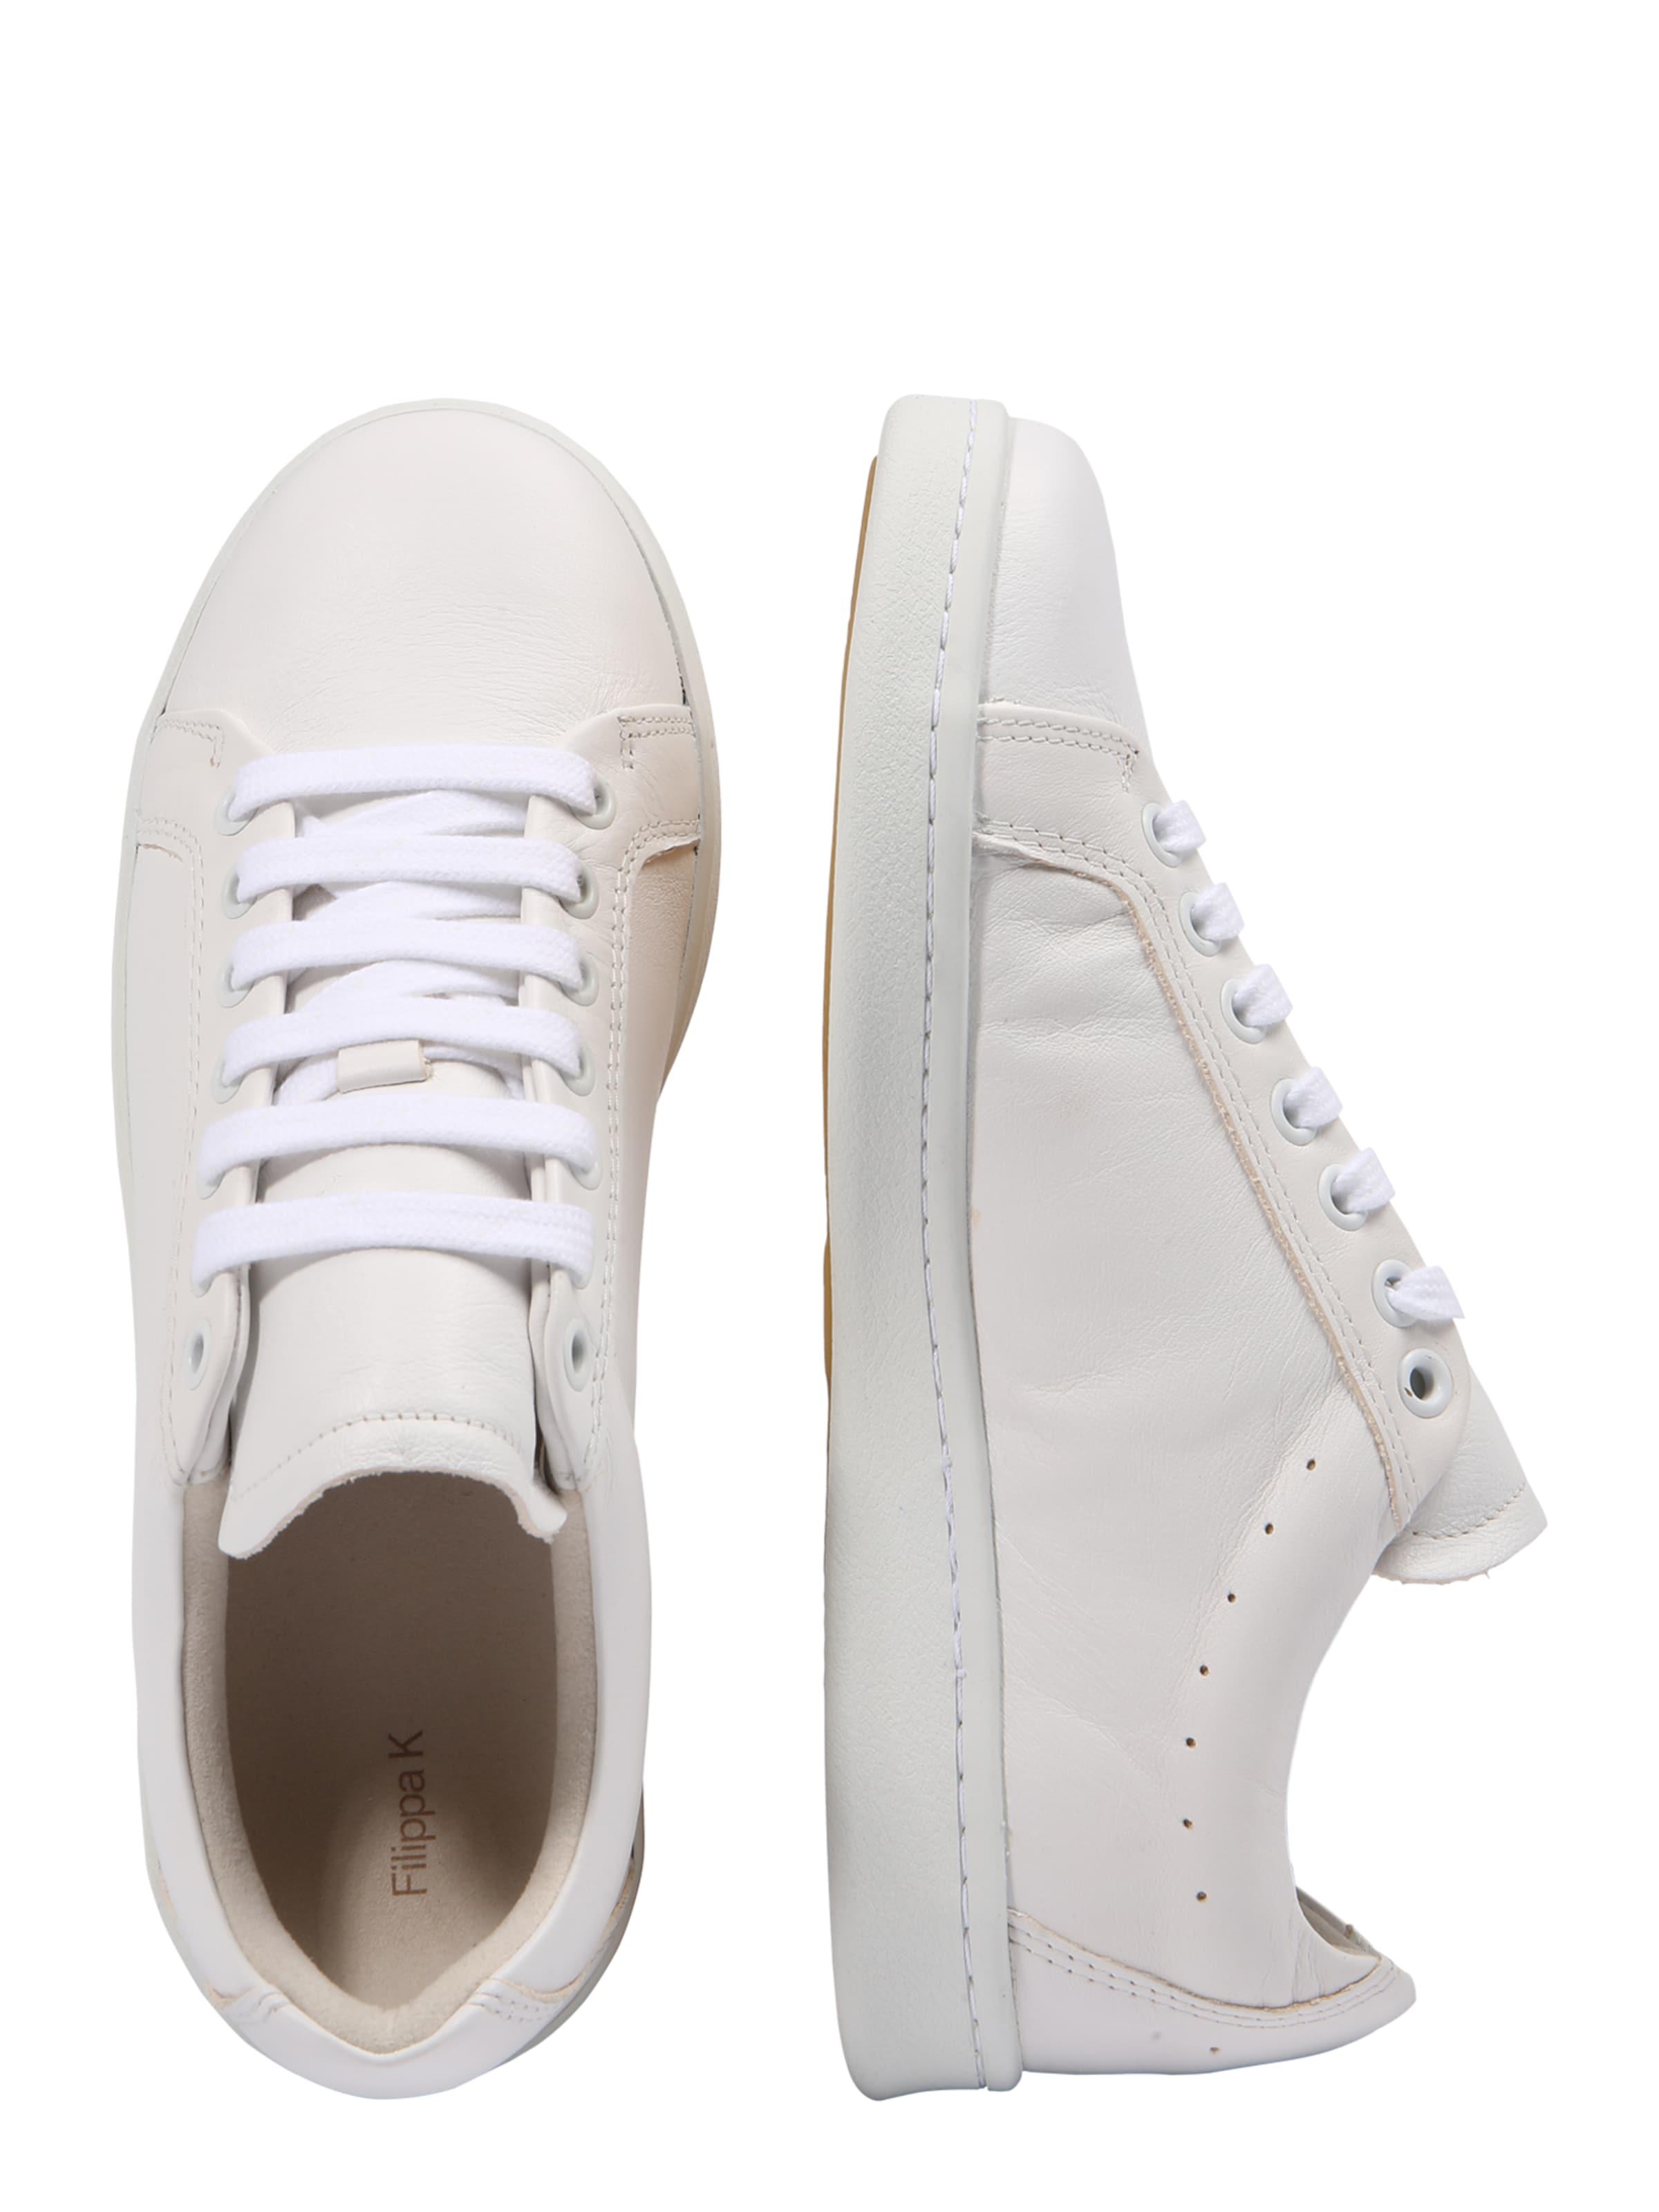 'alice Sneaker' Filippa K In Weiß Sneaker N8nyvwOm0